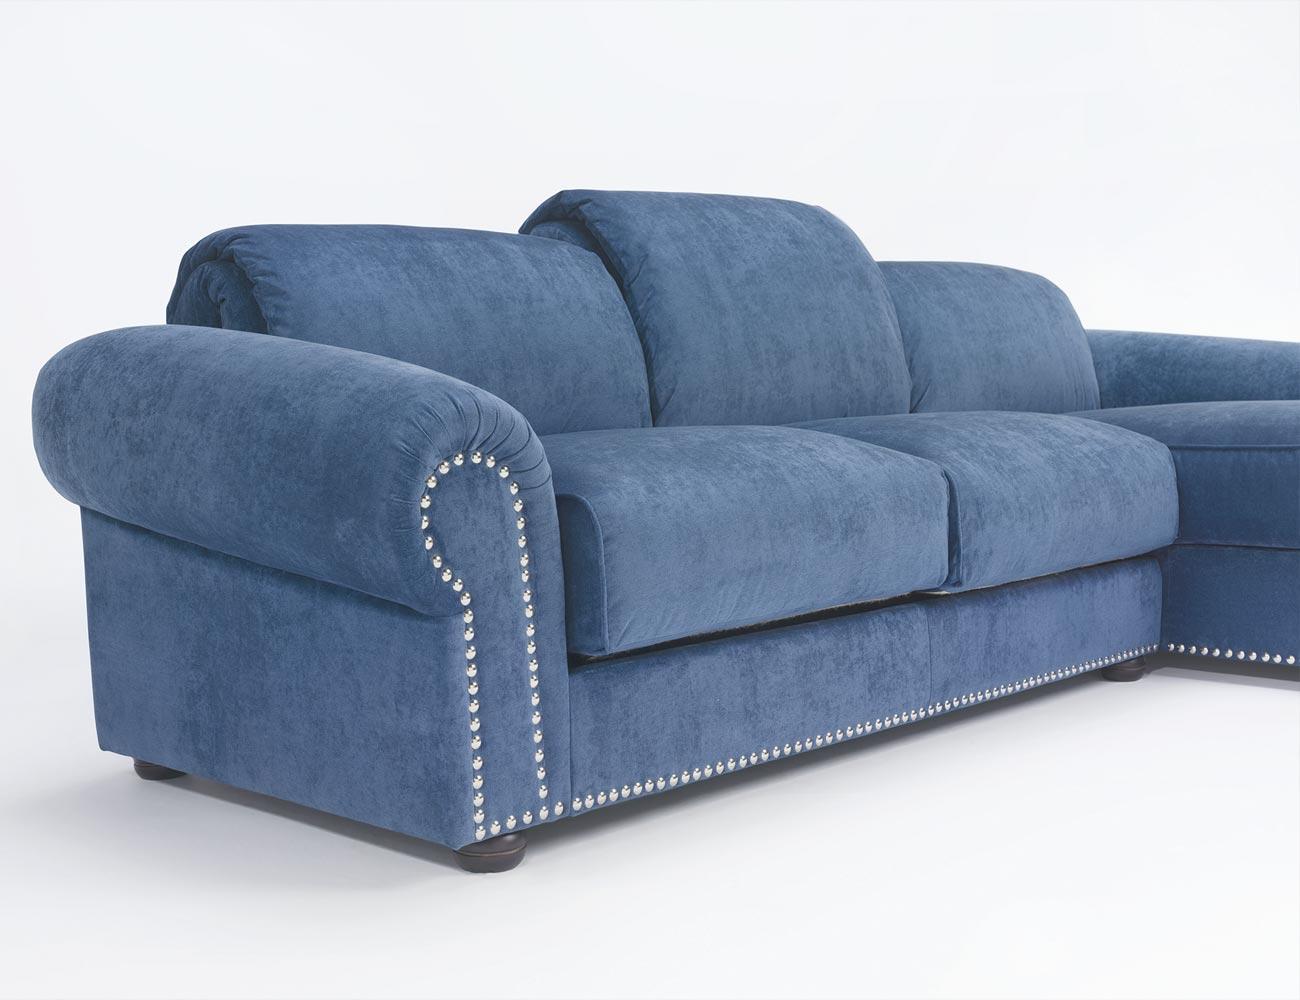 Sofa chaiselongue gran lujo decorativo azul 137